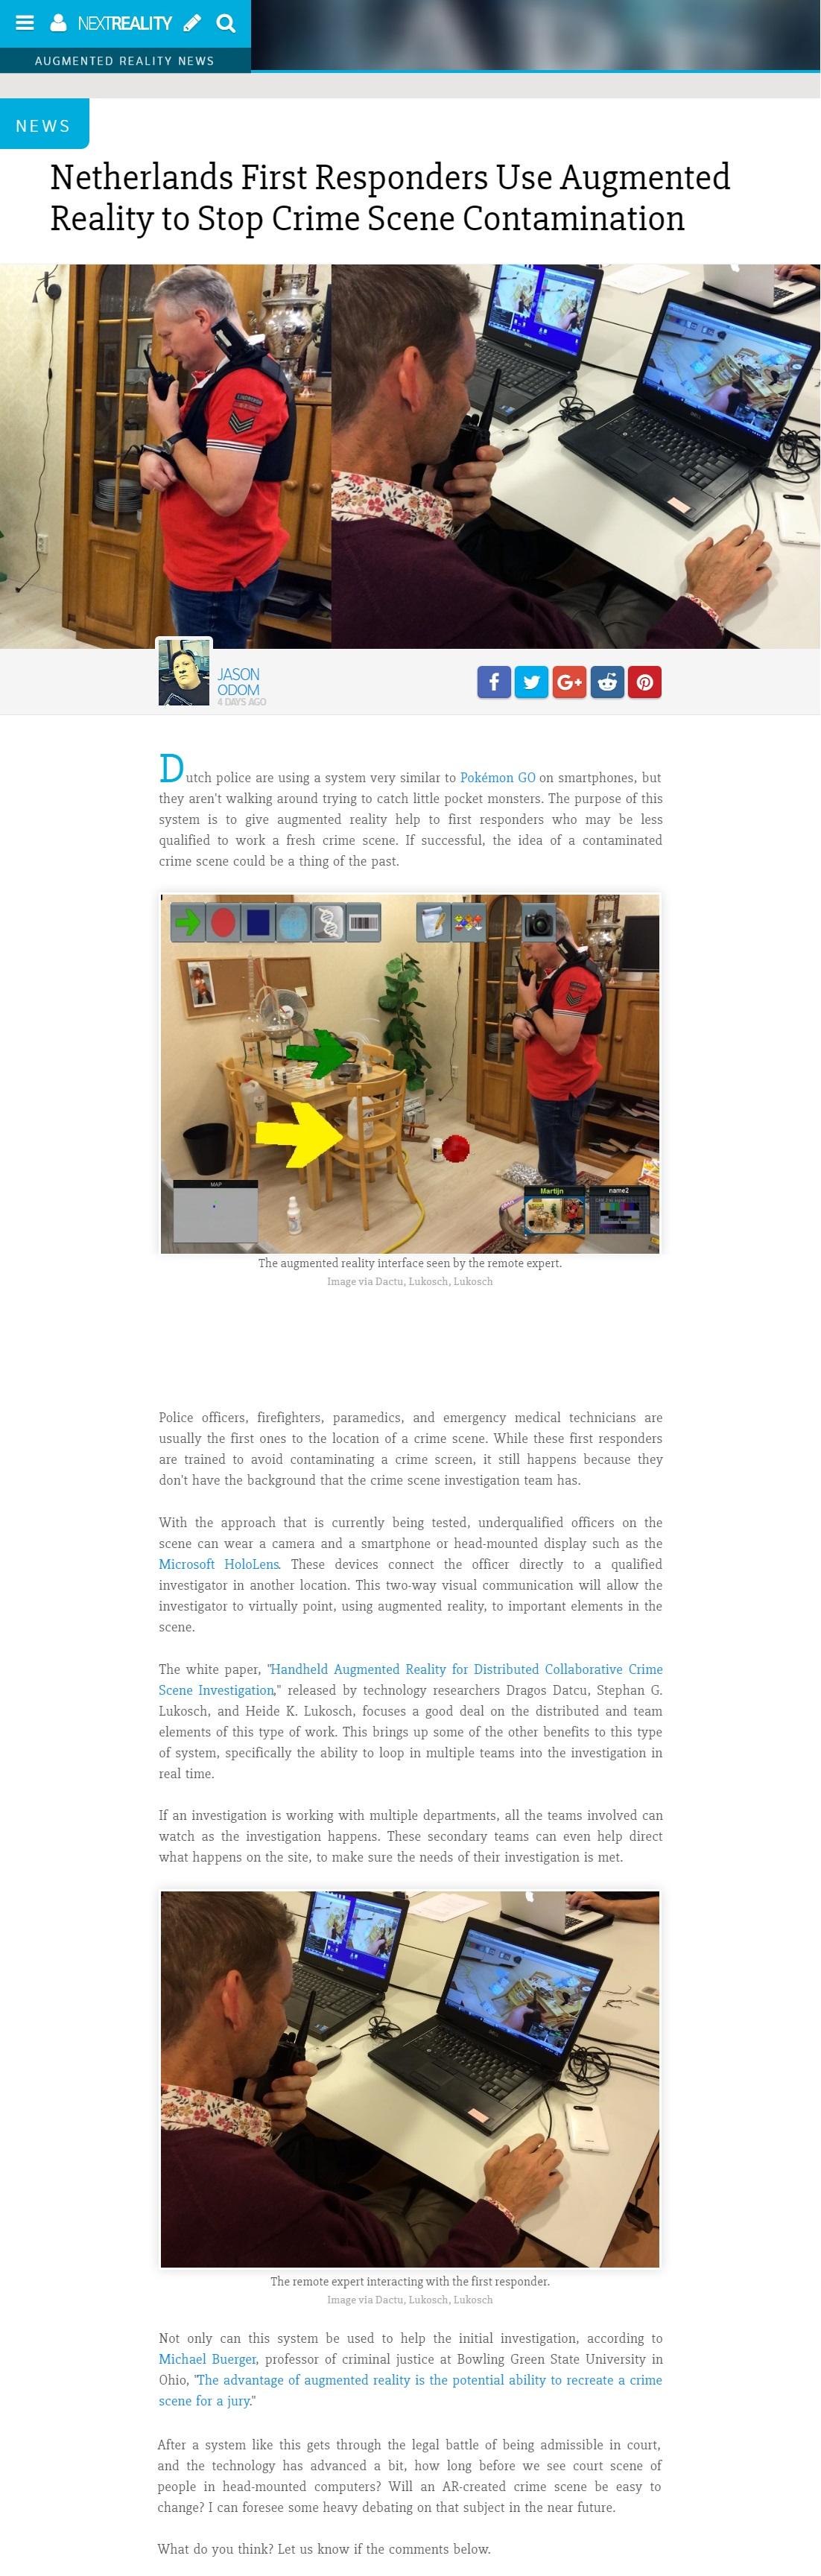 Click editia de azi online dating